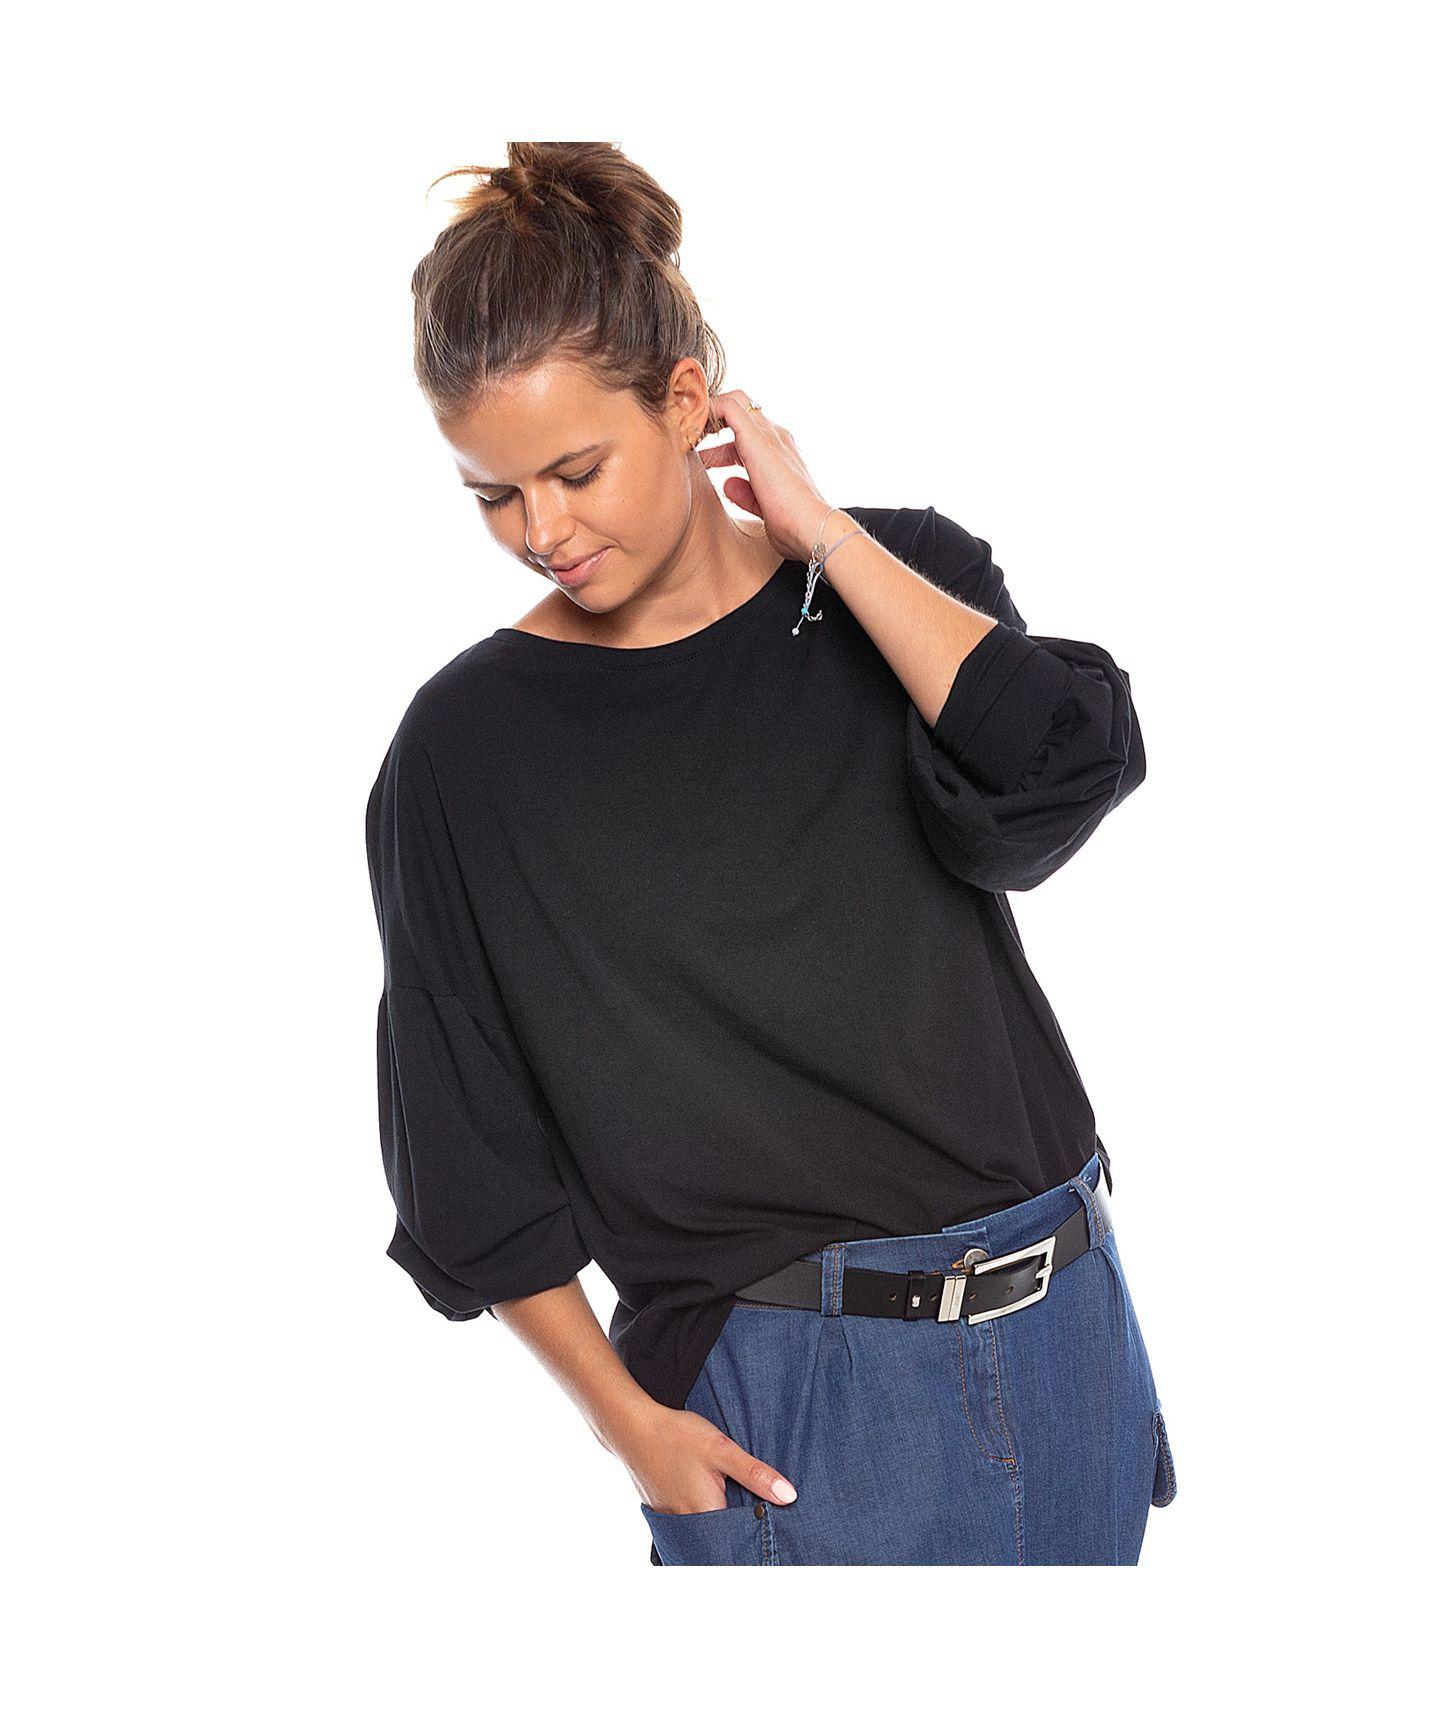 bluzka COCO czarny